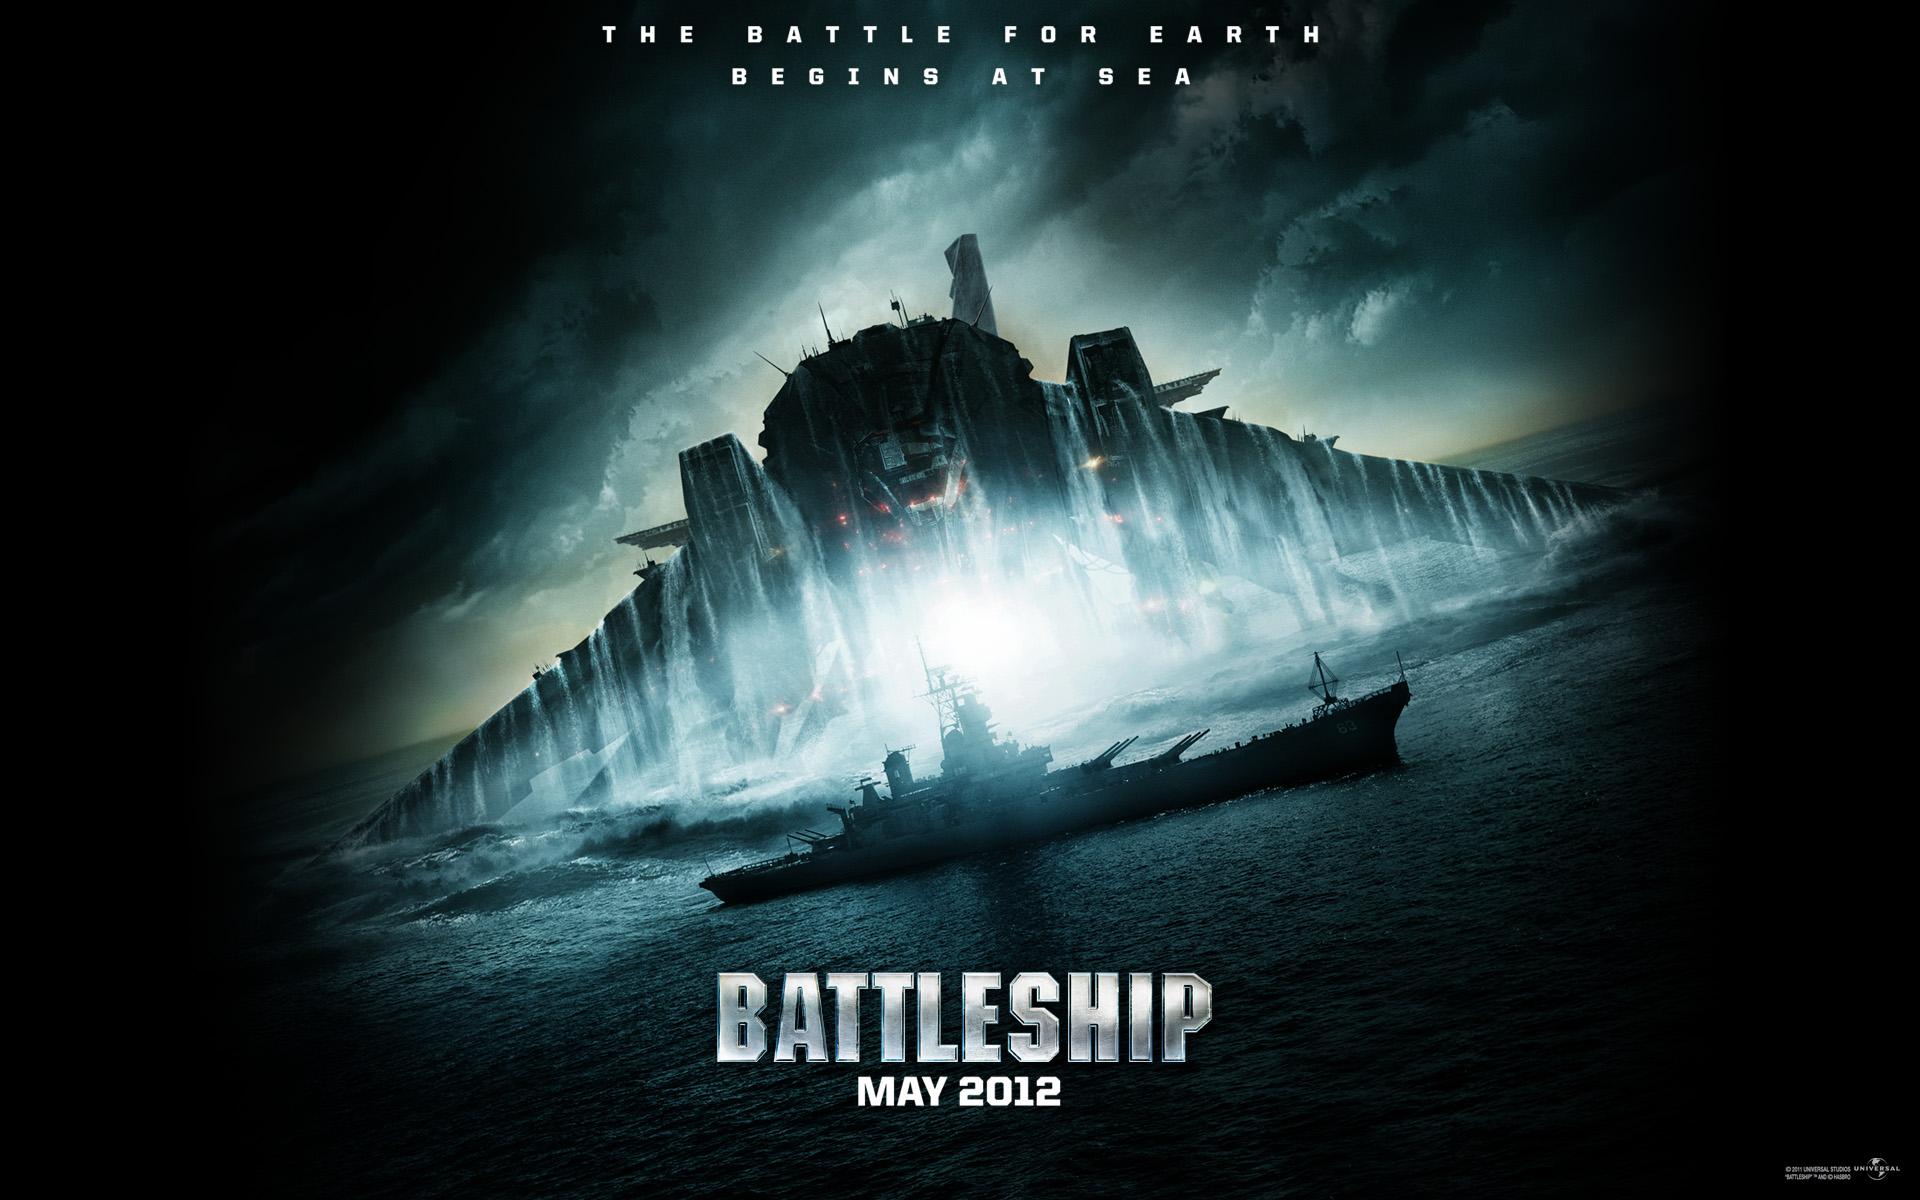 battleship_2012-wide